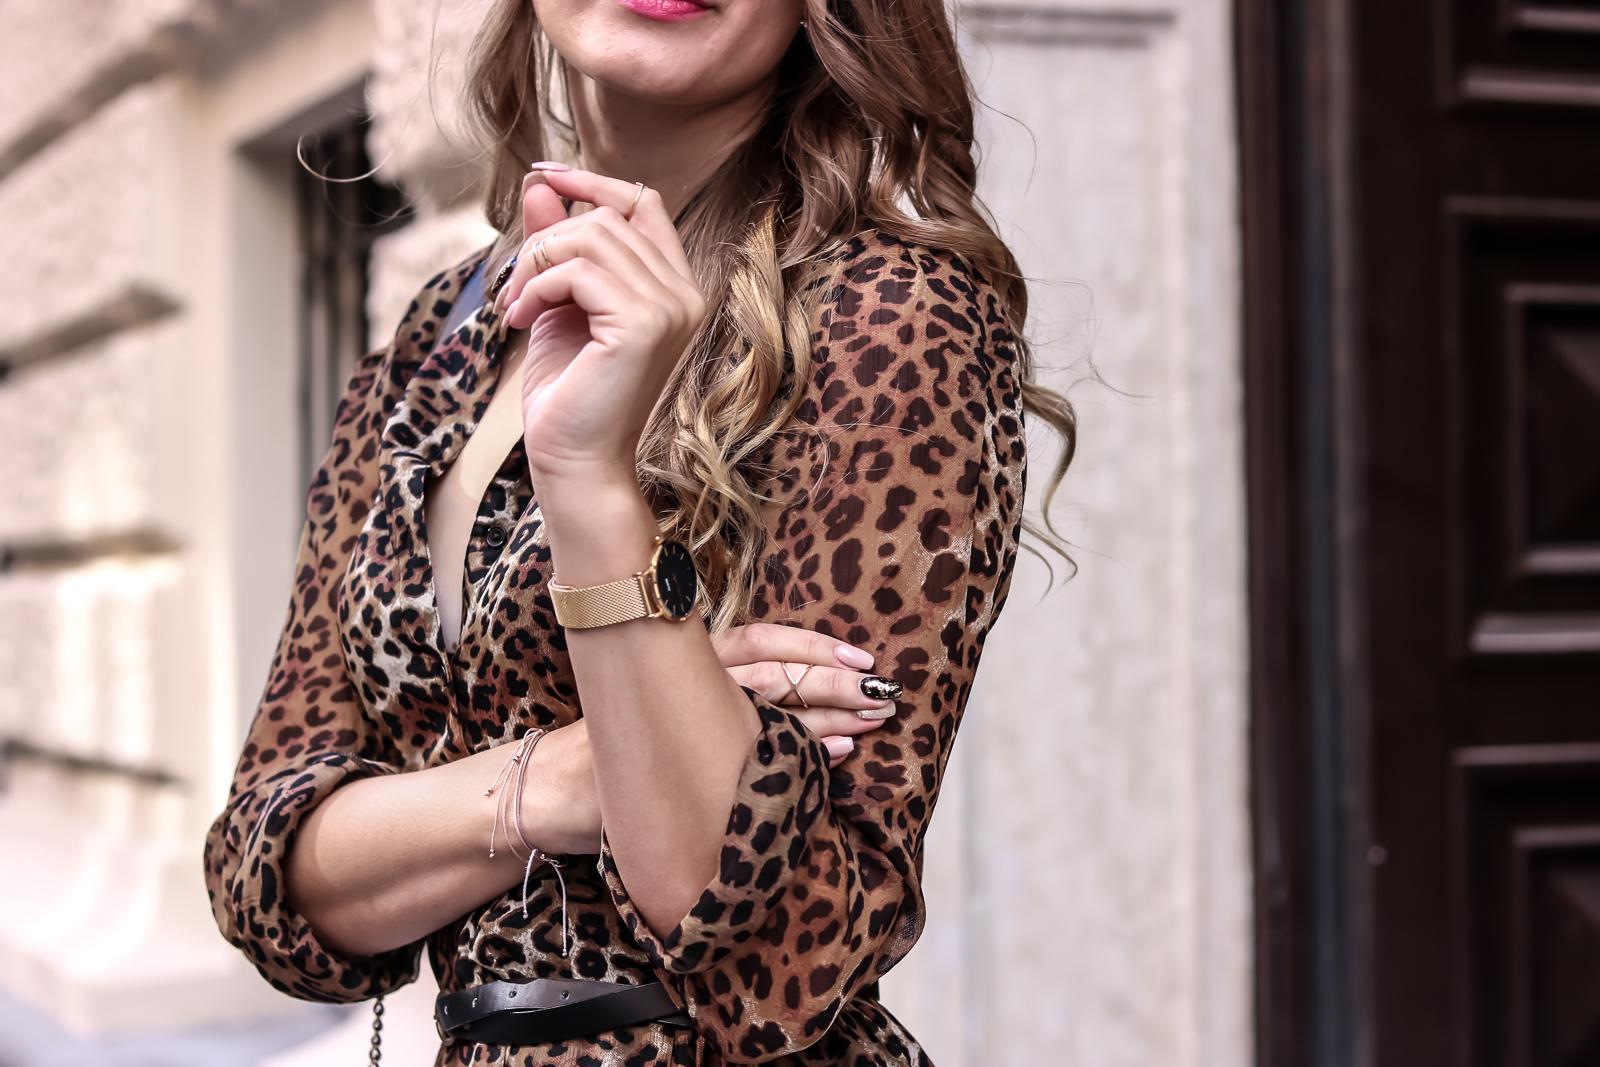 Der Animal-Print Trend - Styling Tipps für den Alltag - Leo Look Kleid kombinieren - Outfit - Herbsttrend - Outfit Kombination für den Herbst - schönes Herbst Outfit - Herbstmode - Tigerkleid Lederleggings Boots -Fashionladyloves by Tamara Wagner - Mode Blog - Fashionblog